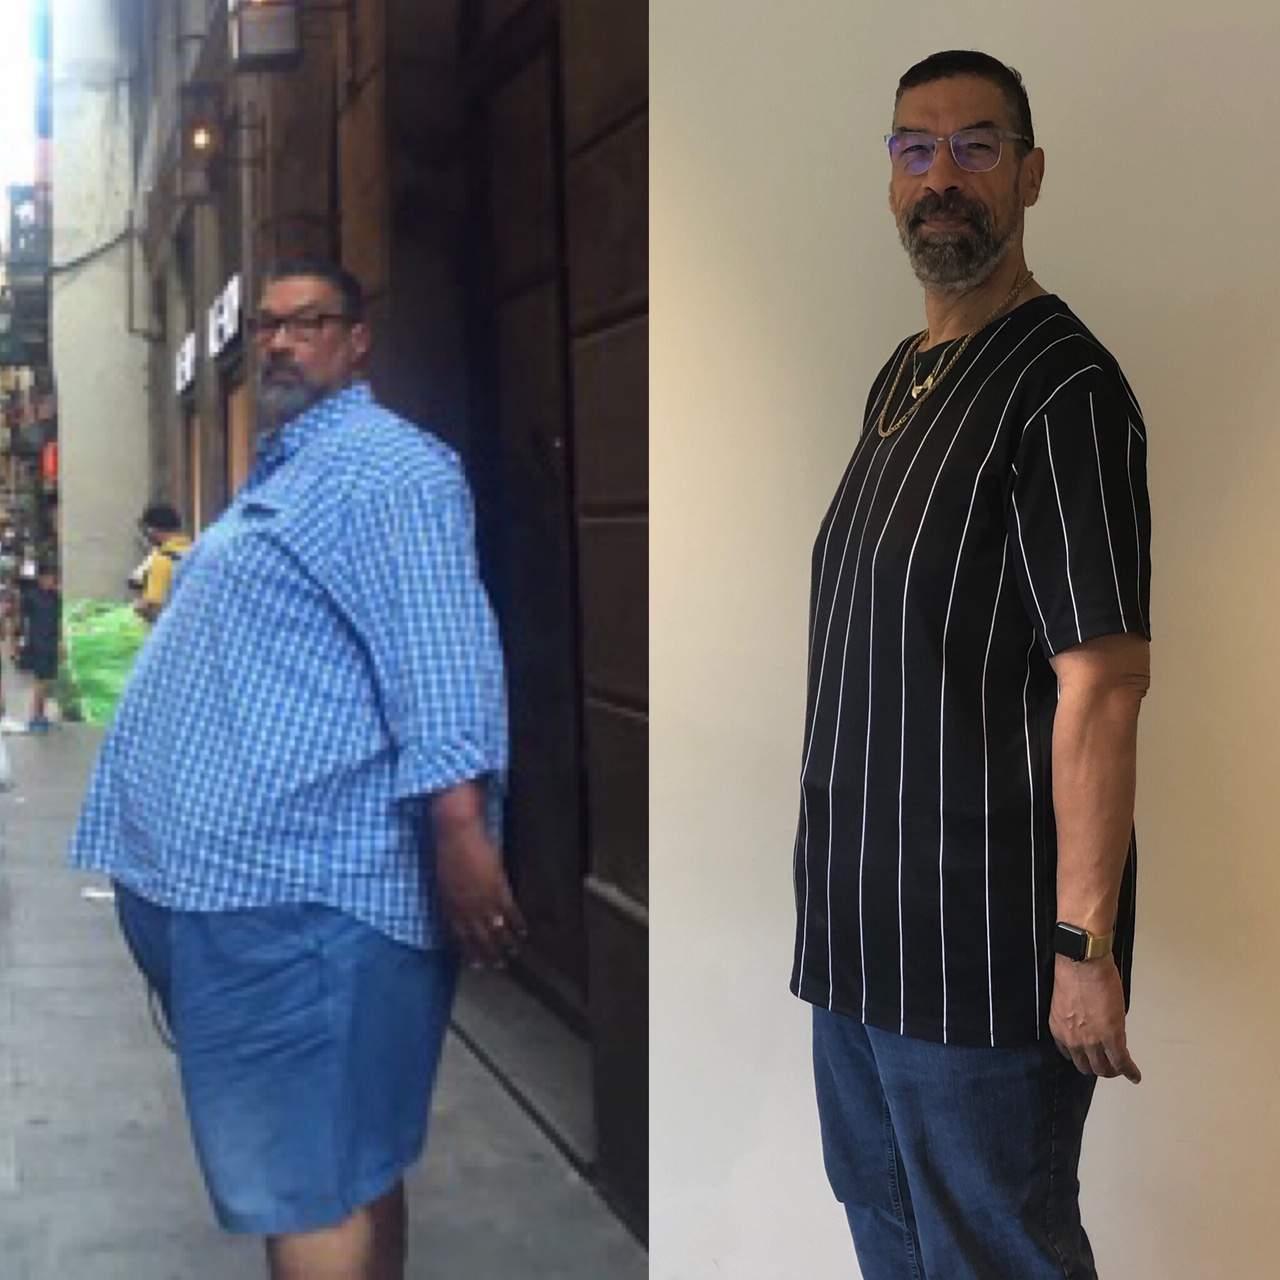 Frank Vanenburg voor en na de behandeling